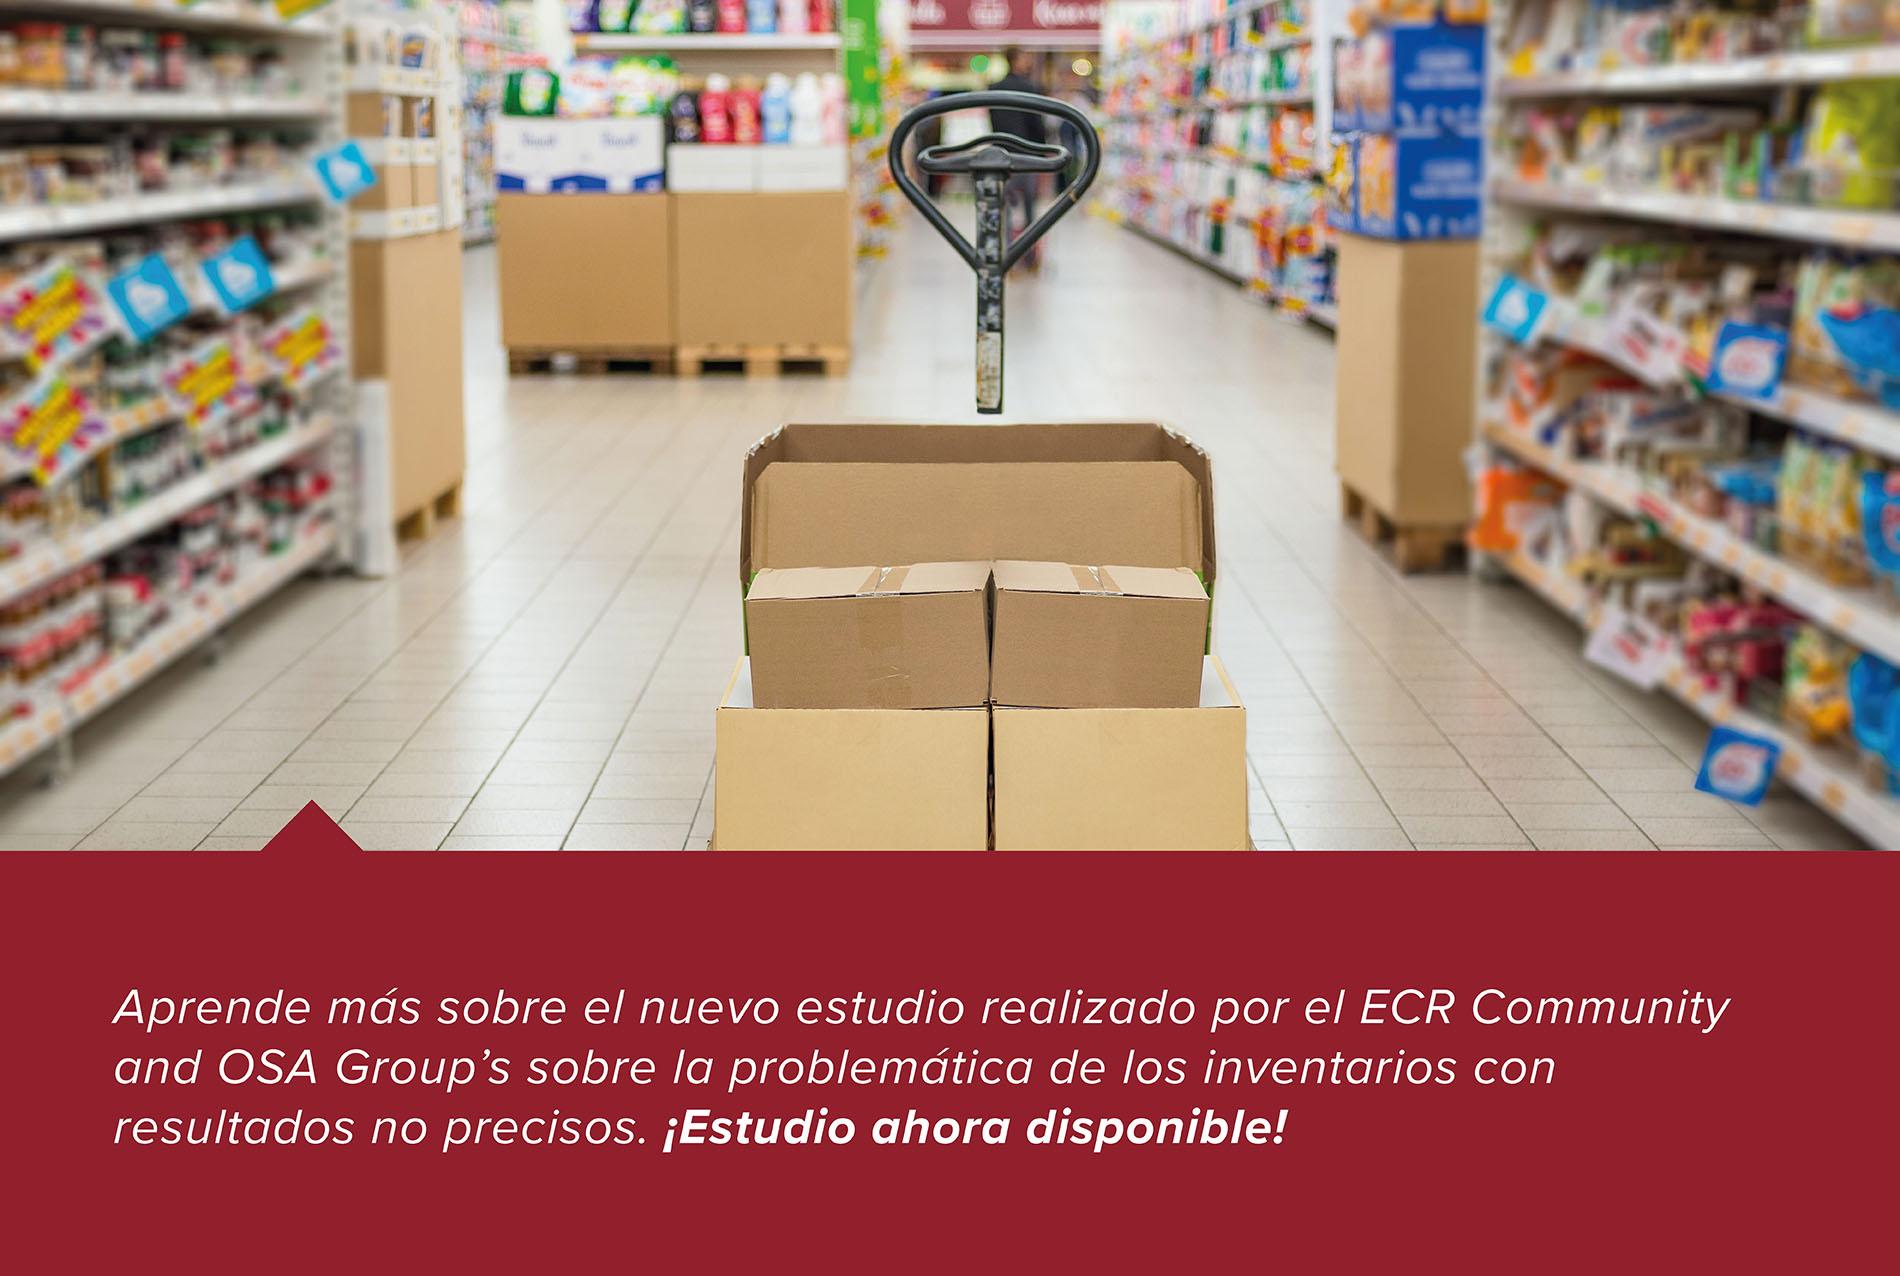 ECR Exactitud en el registro de inventario, de verdad importa?